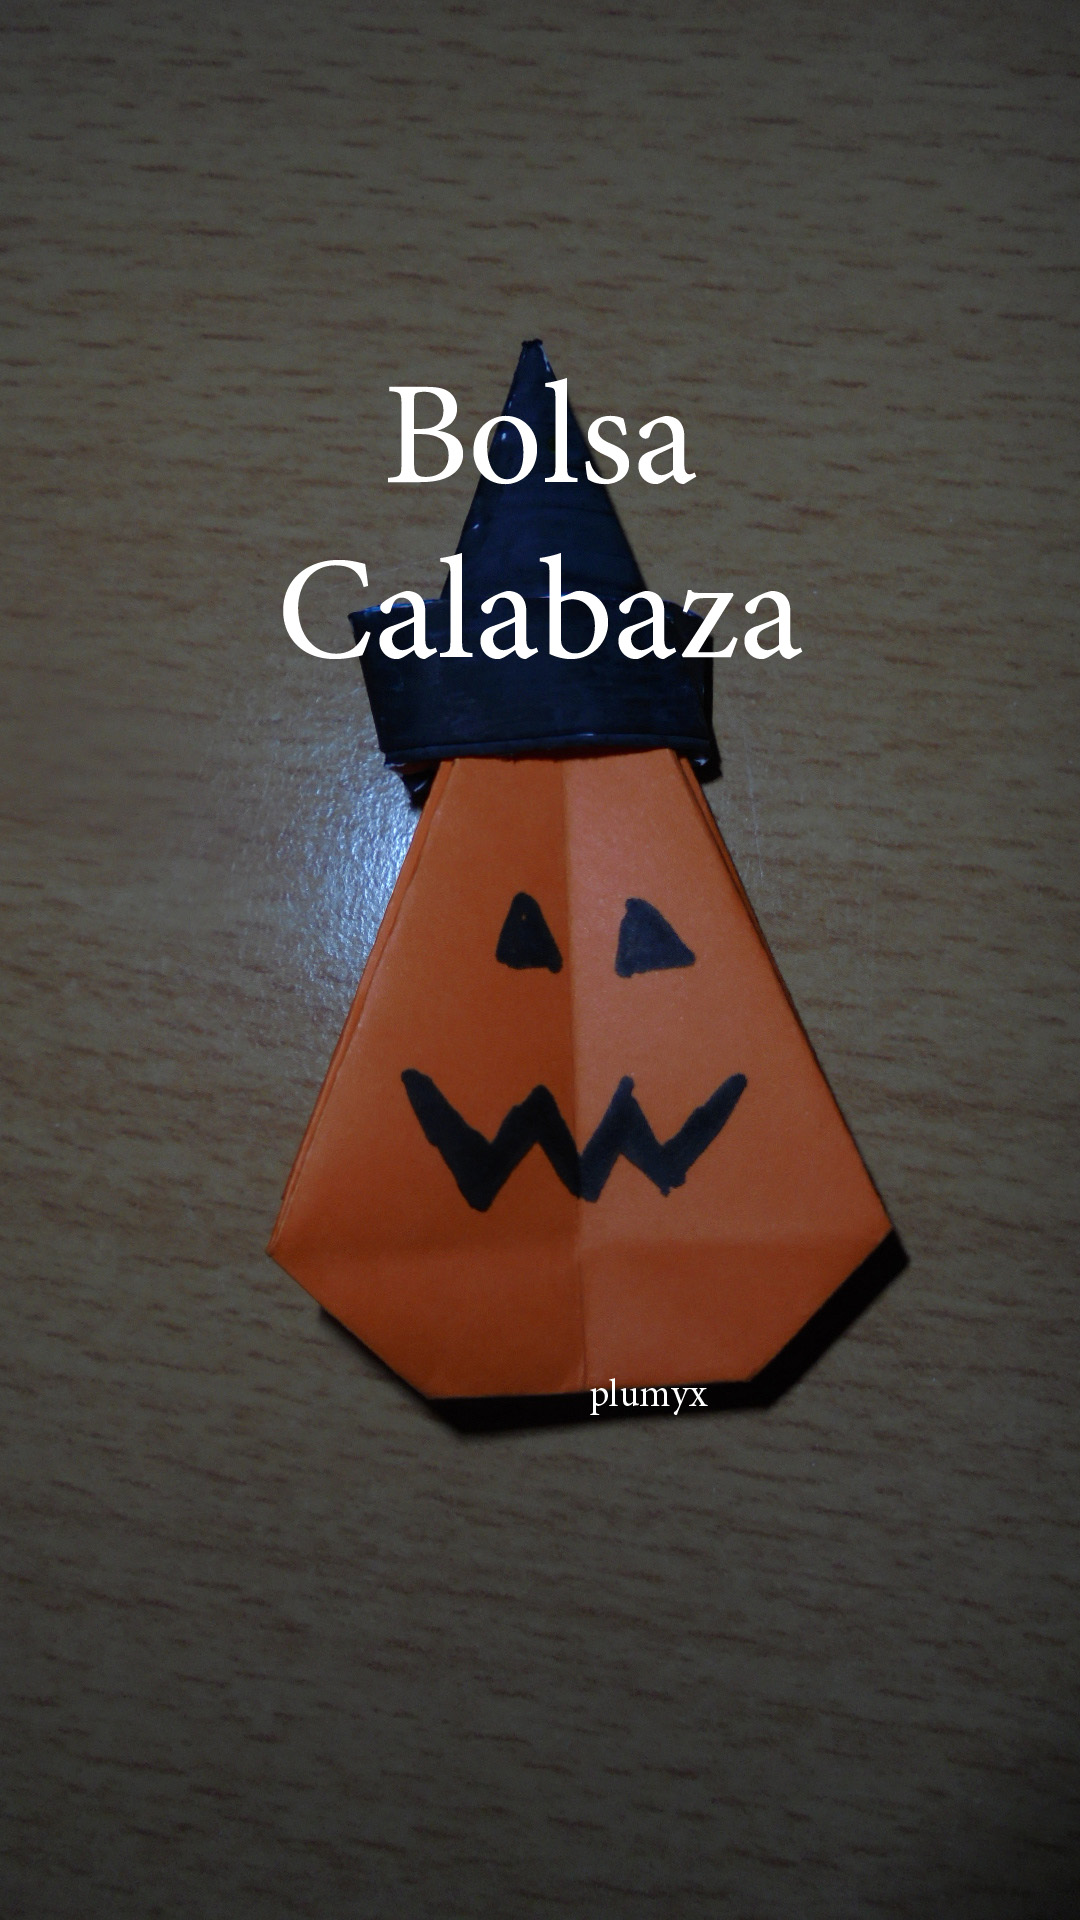 bolsa-calabaza